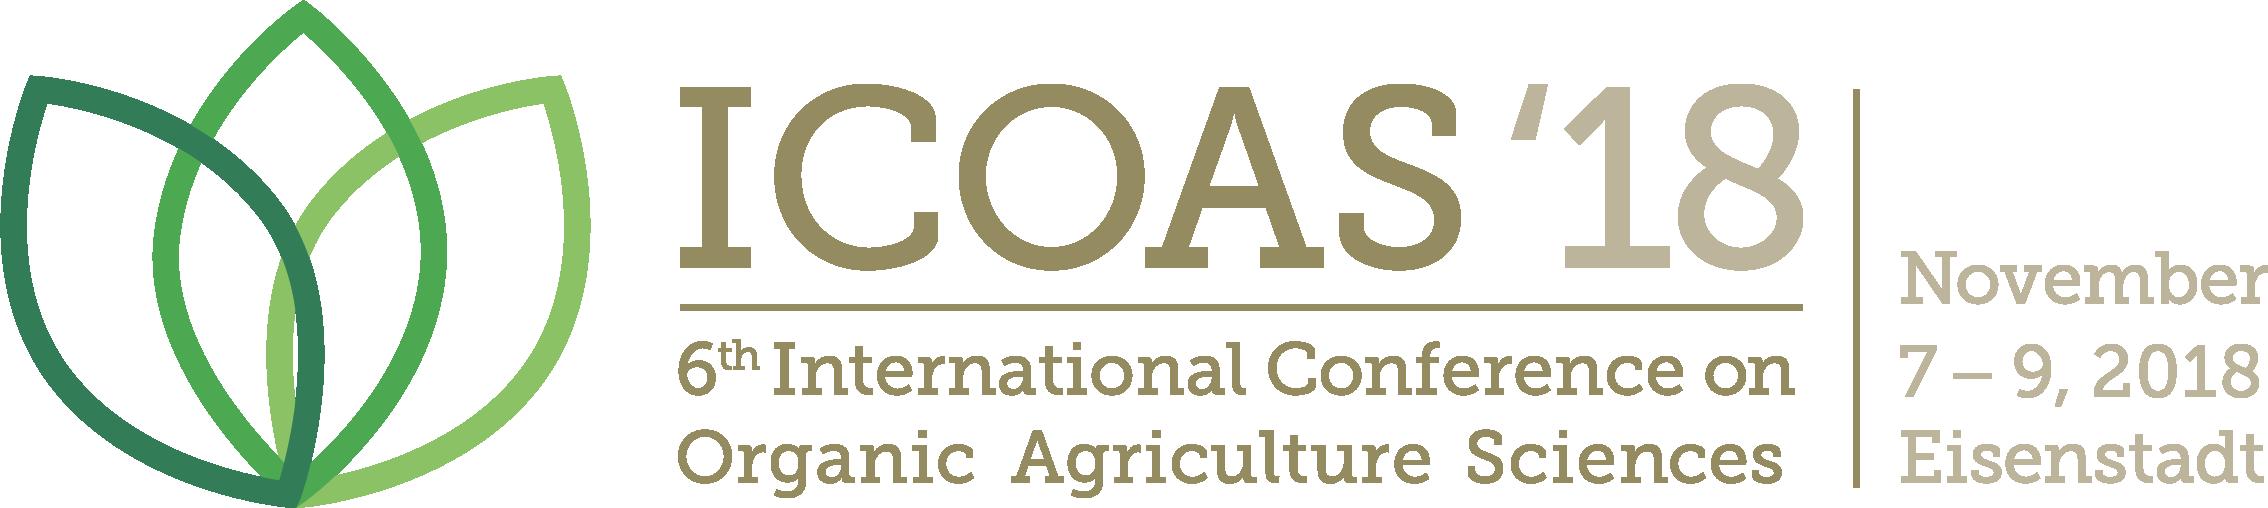 ICOAS 2018